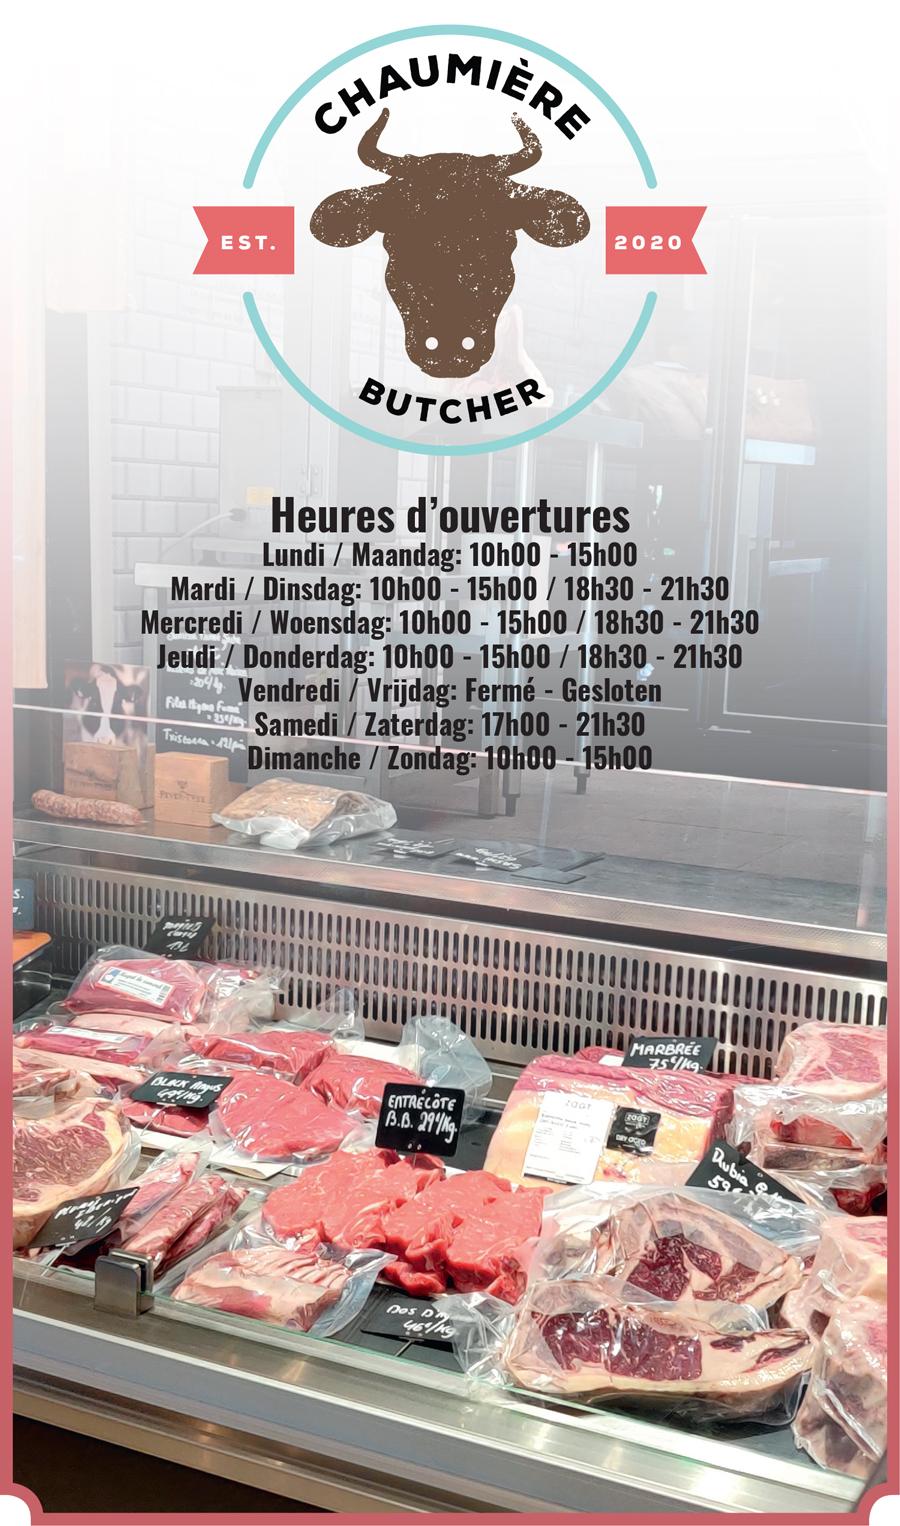 Chaumière Butcher